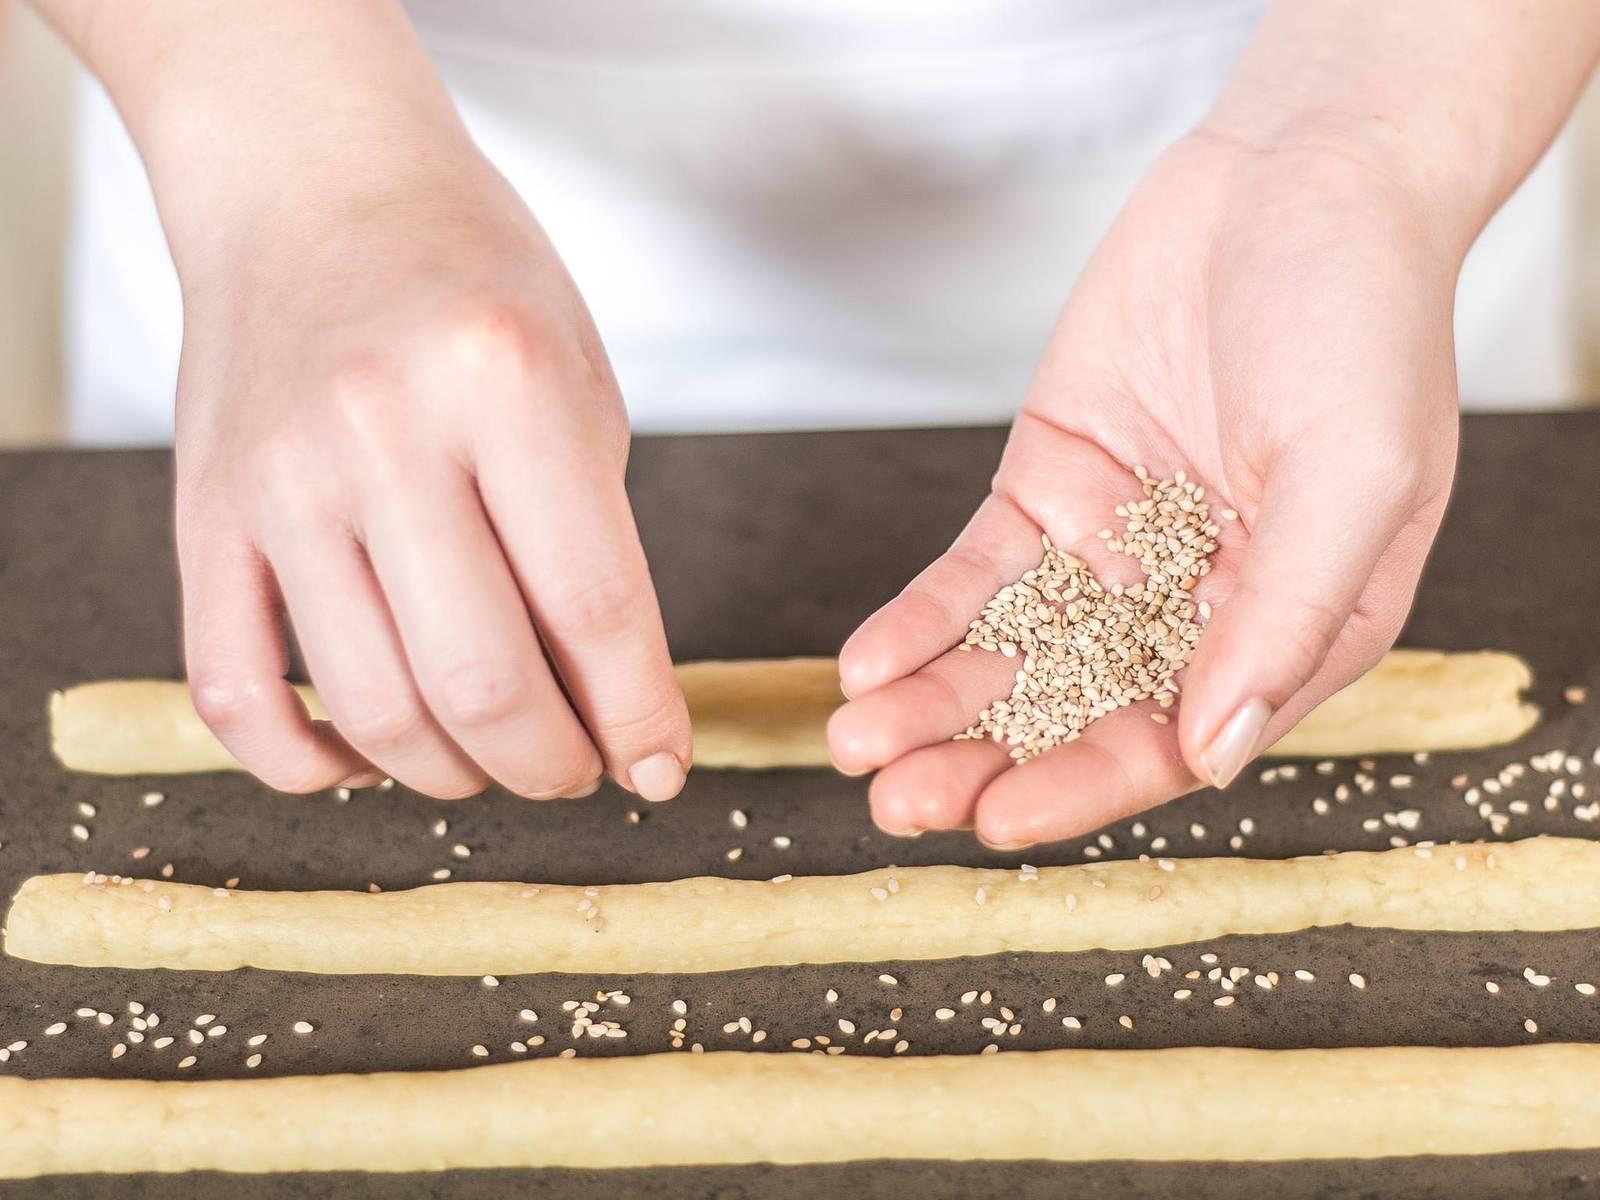 在面包条上撒上芝麻。最好是让面包条在芝麻上滚转,使它们粘得更好。将面包条放入铺有烘焙纸的烤盘中,加盖后放在温暖的地方约20分钟,静置发酵。